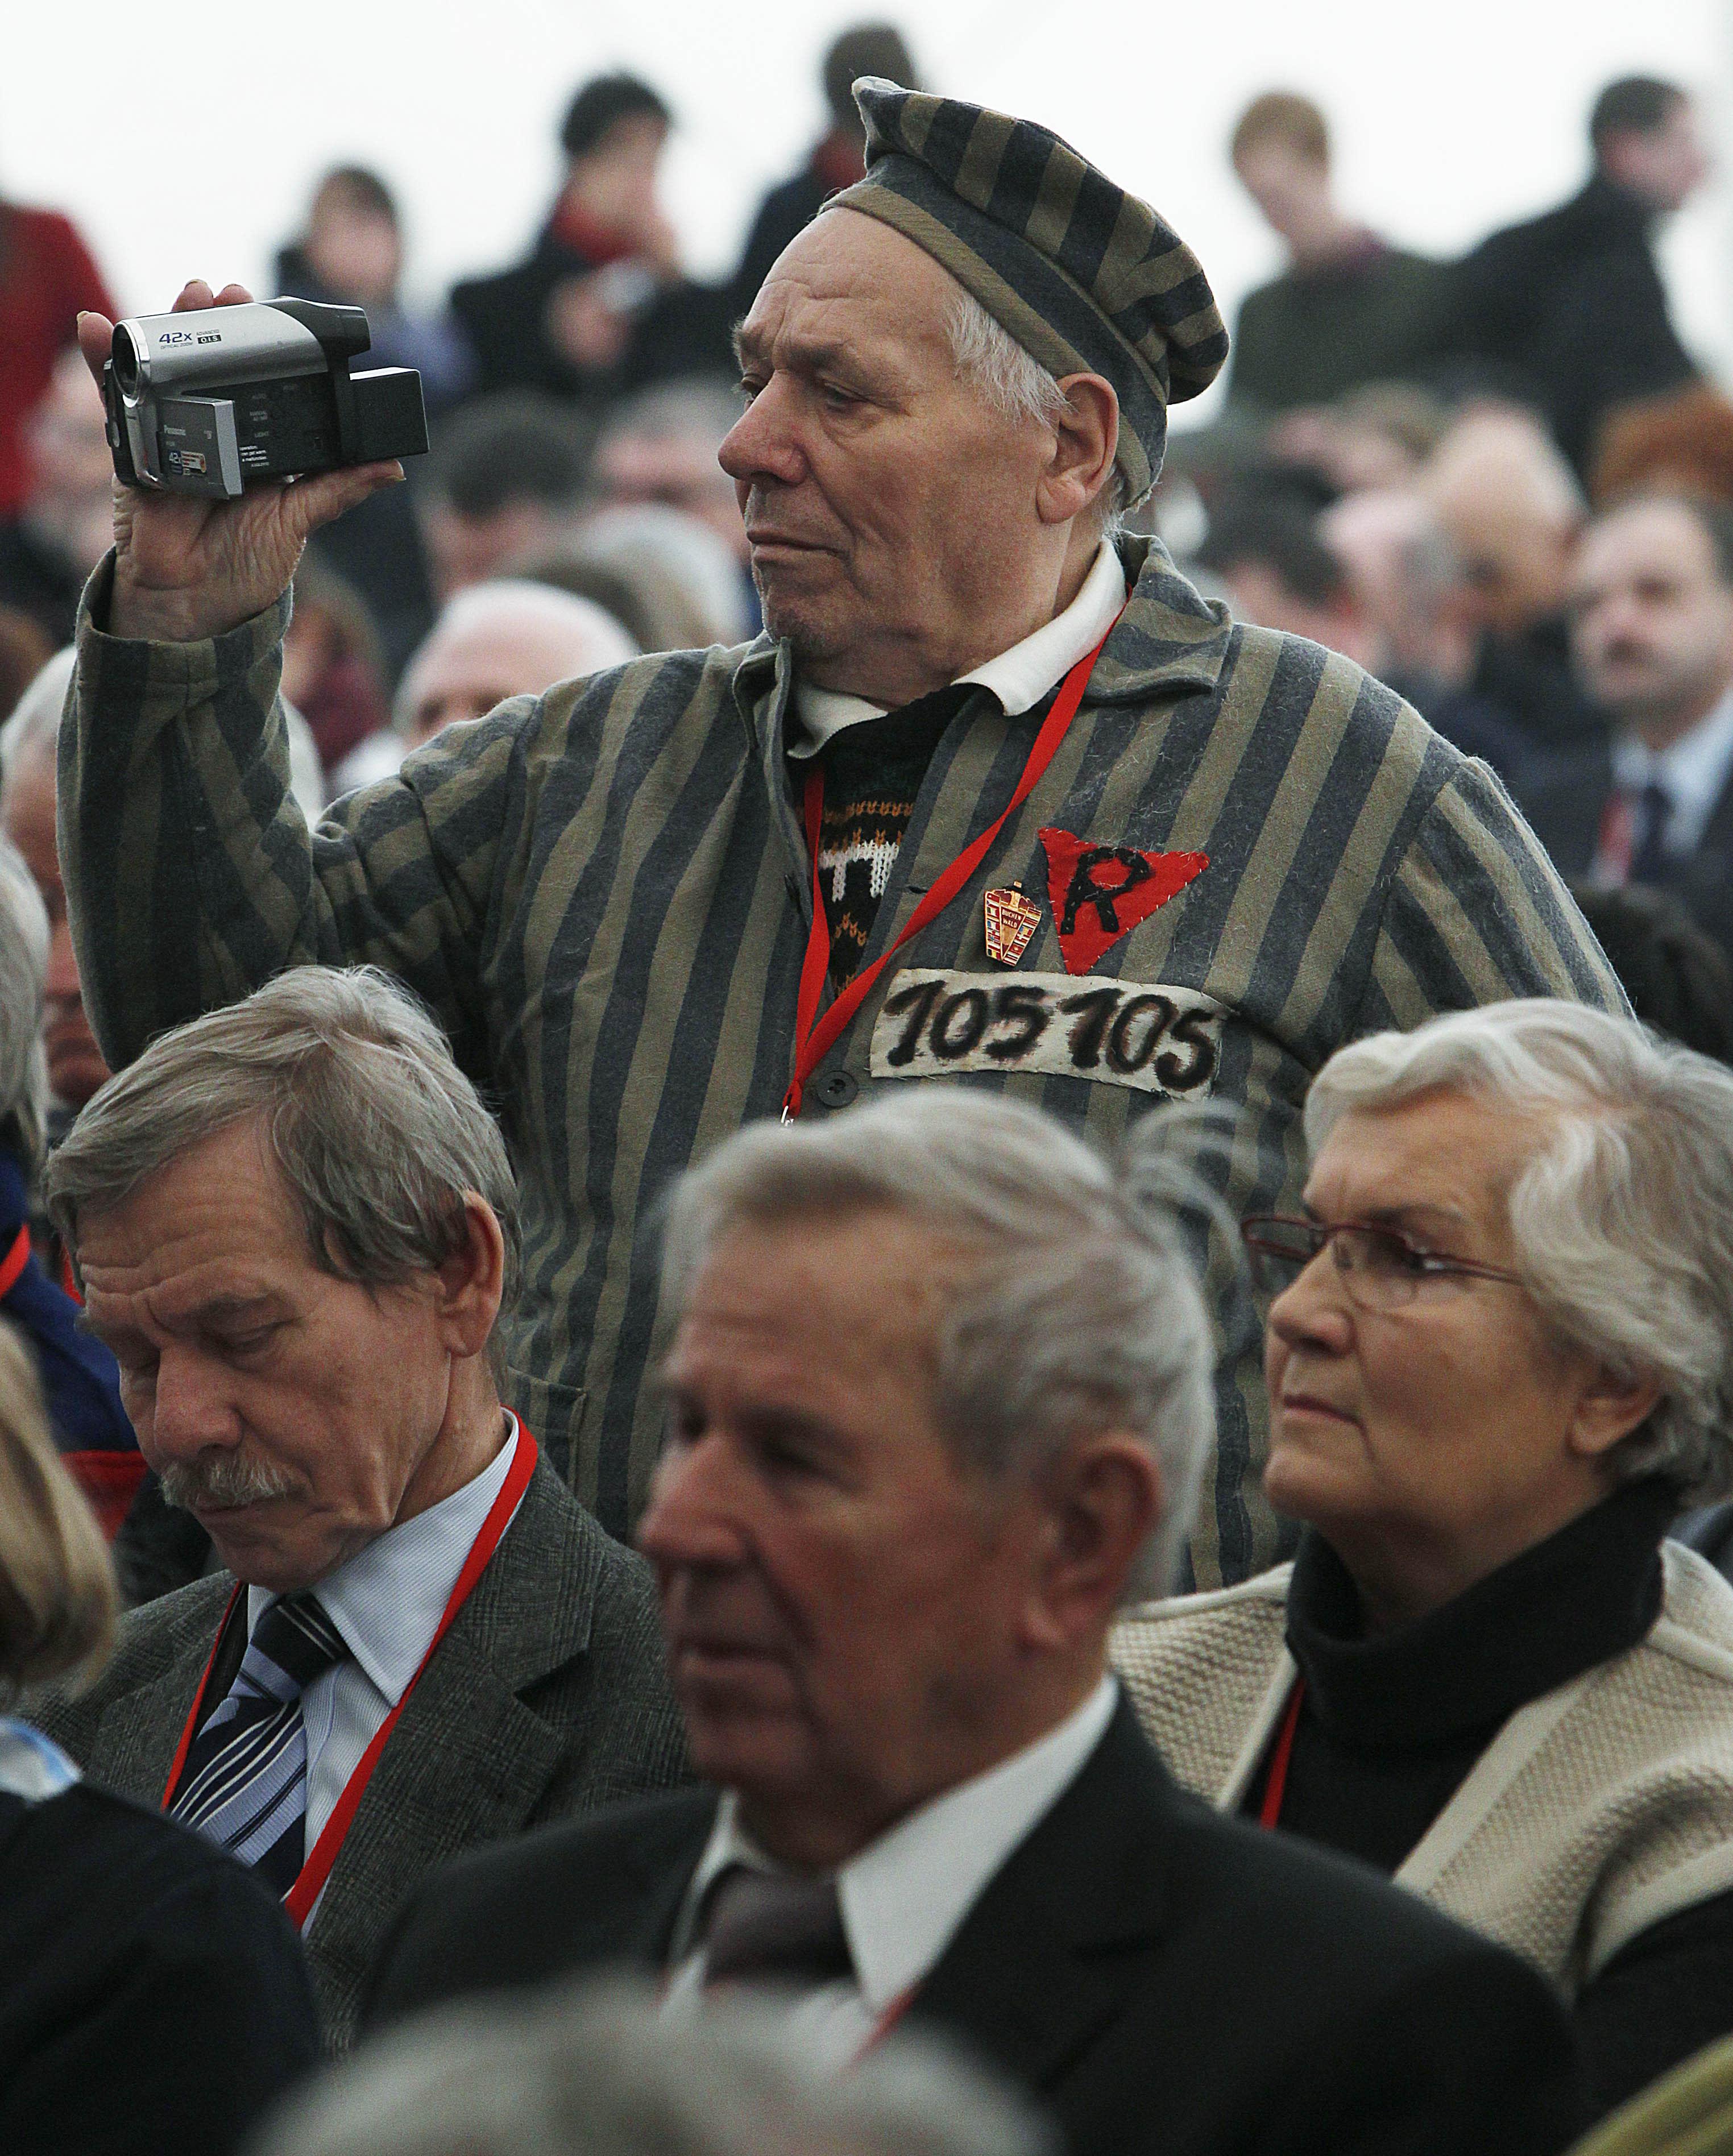 Un ex prisionero del campo de concentración de Auschwitz toma video de un acto con motivo del Día Internacional del Recuerdo del Holocausto en Oswiecim, Polonia, el domingo 27 de enero de 2013. (AP Foto/Czarek Sokolowski)